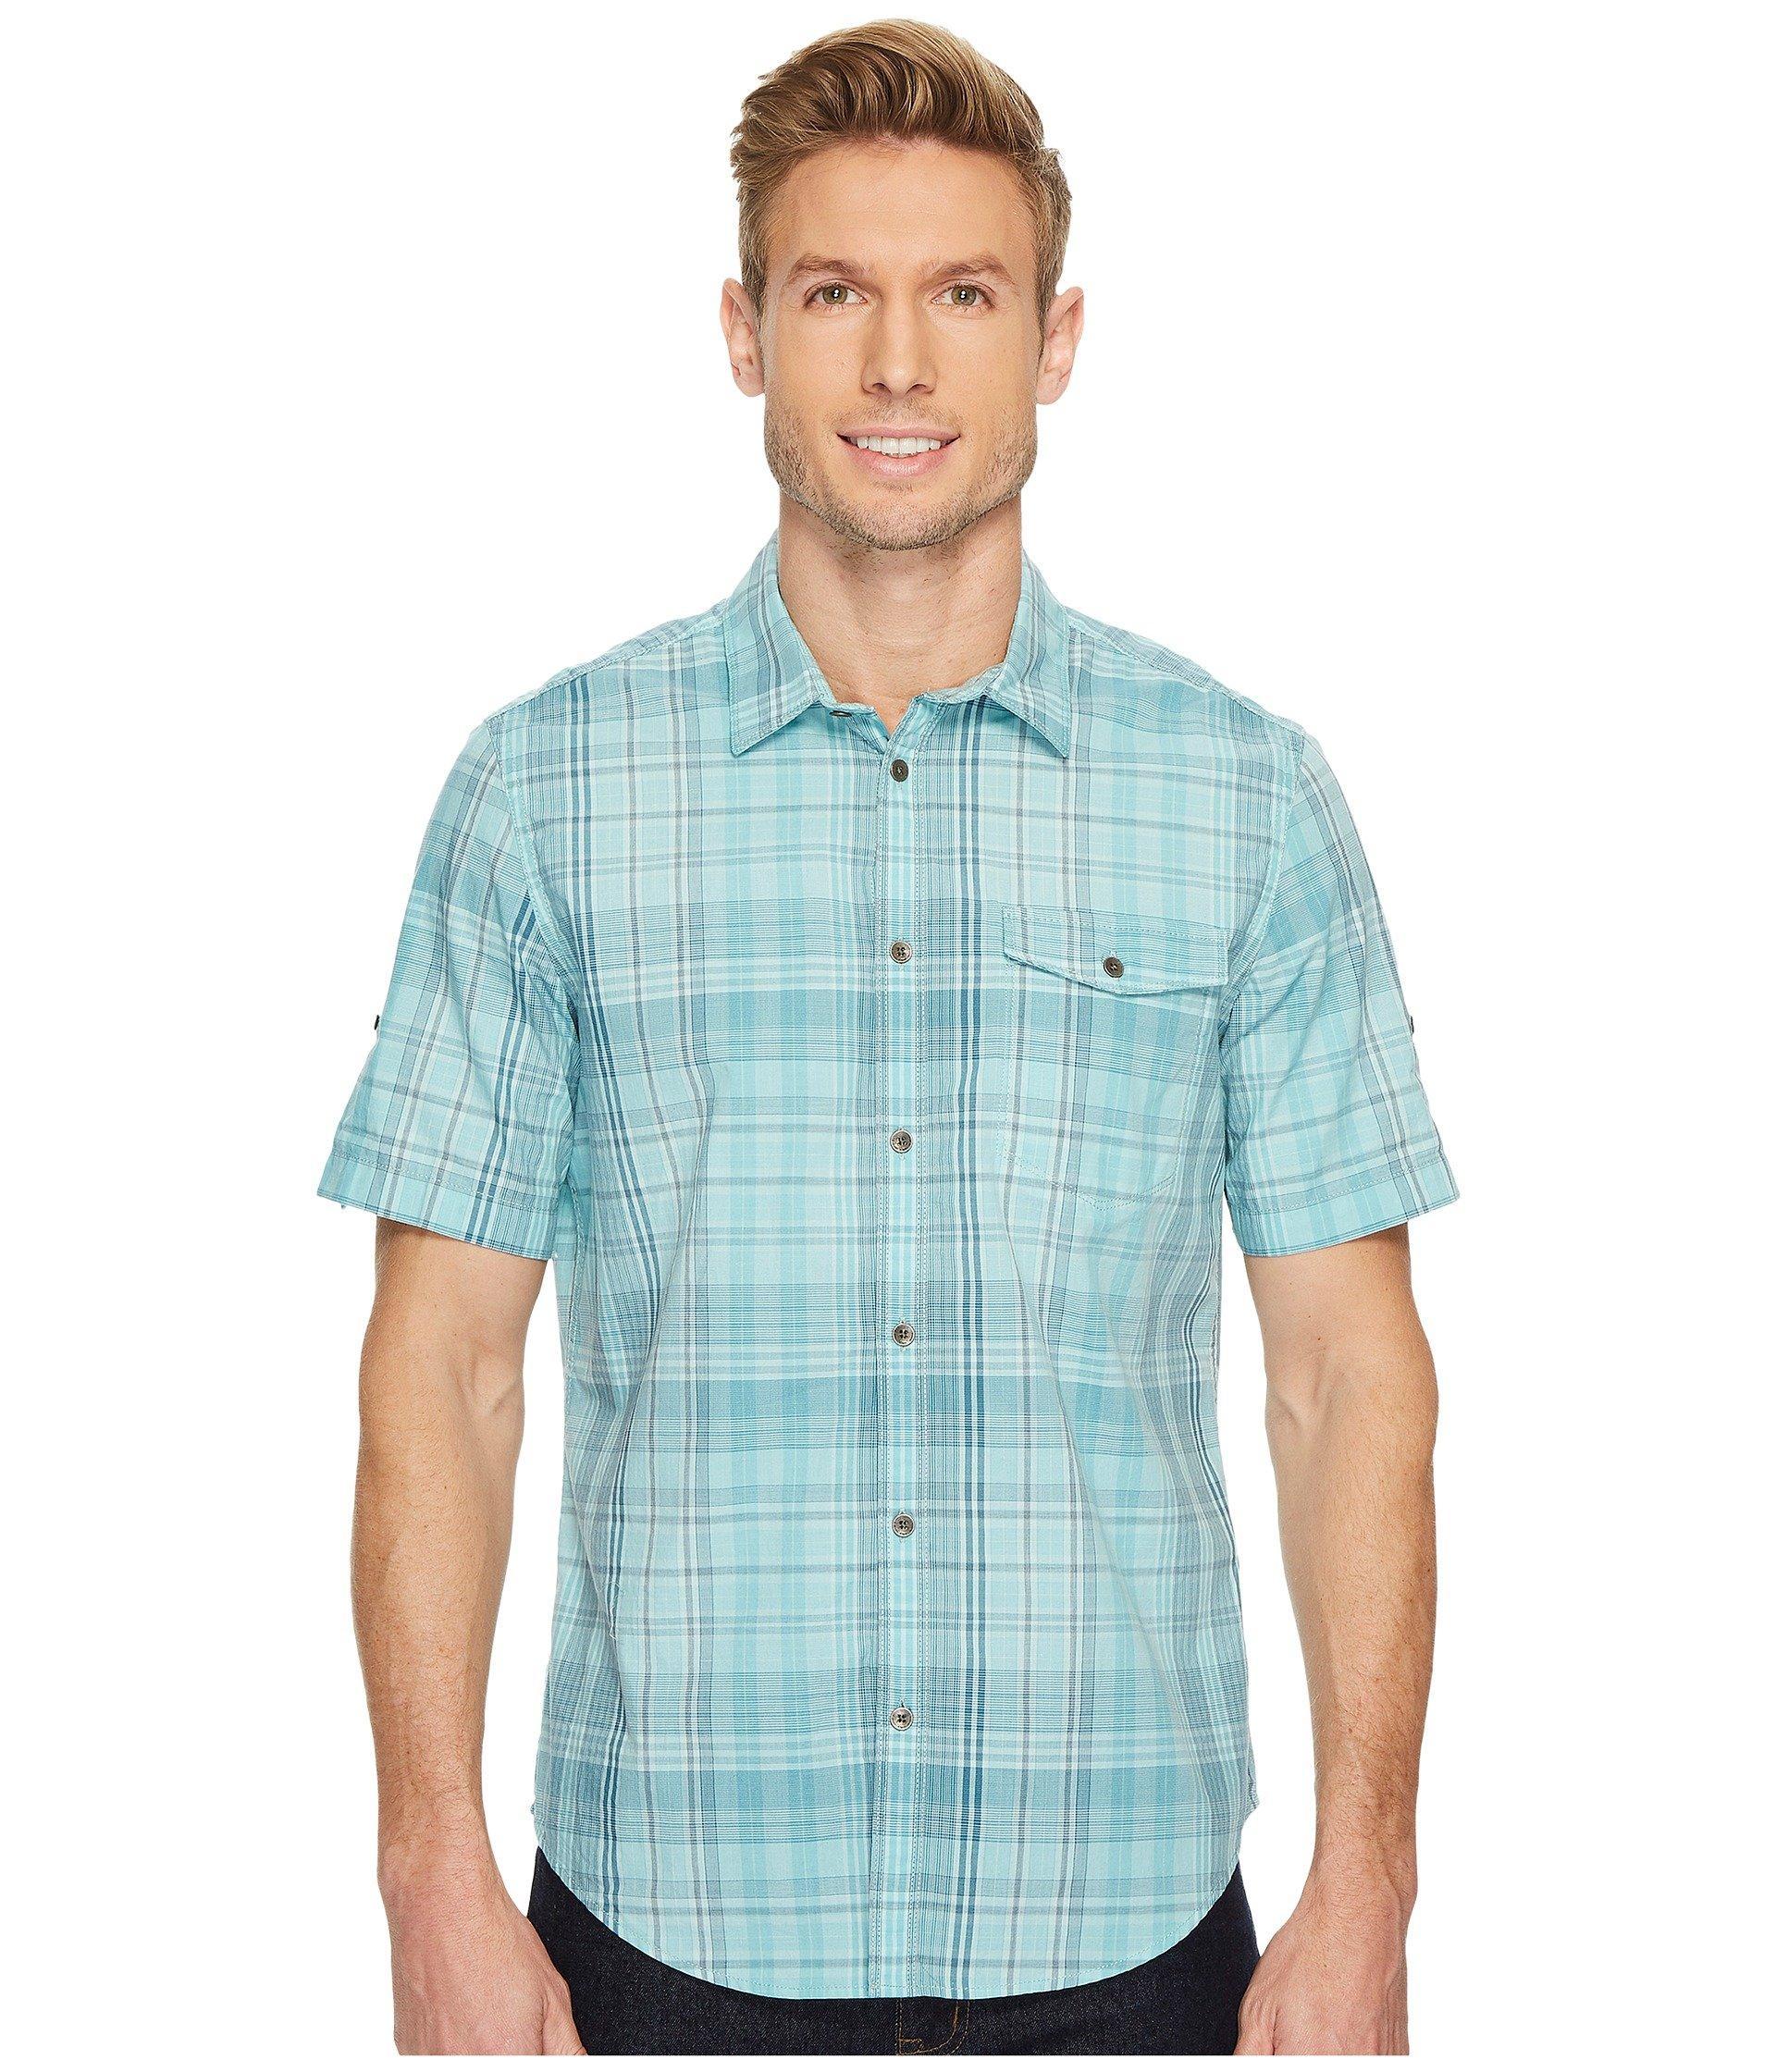 Calvin Klein Jeans Short Sleeve Plaid Button Down Shirt In Bay